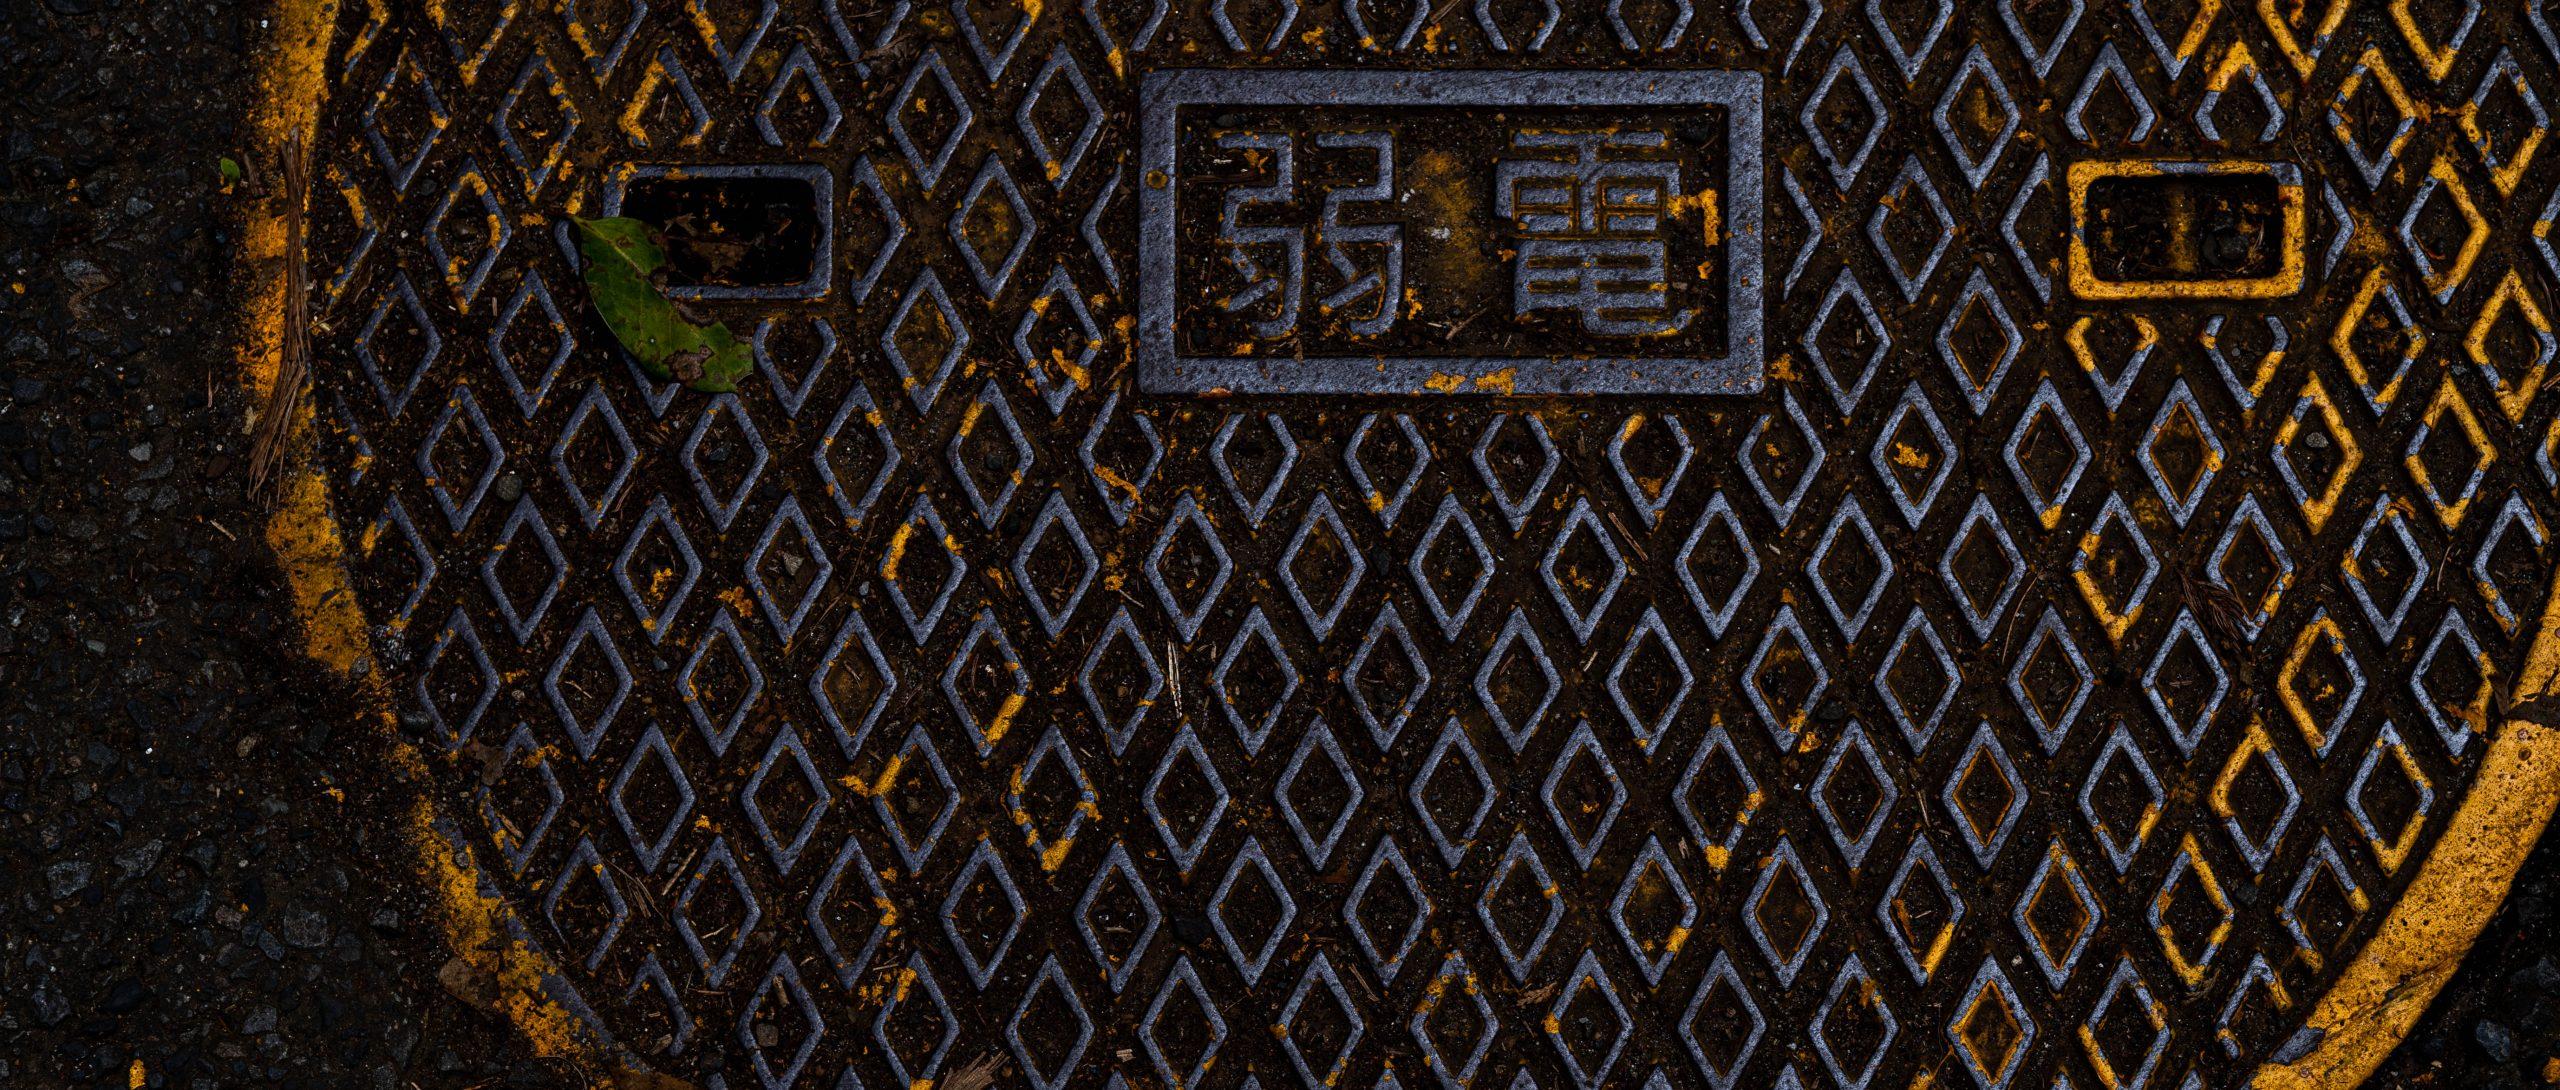 【SIGMA】70mm MACROの錆びない写り